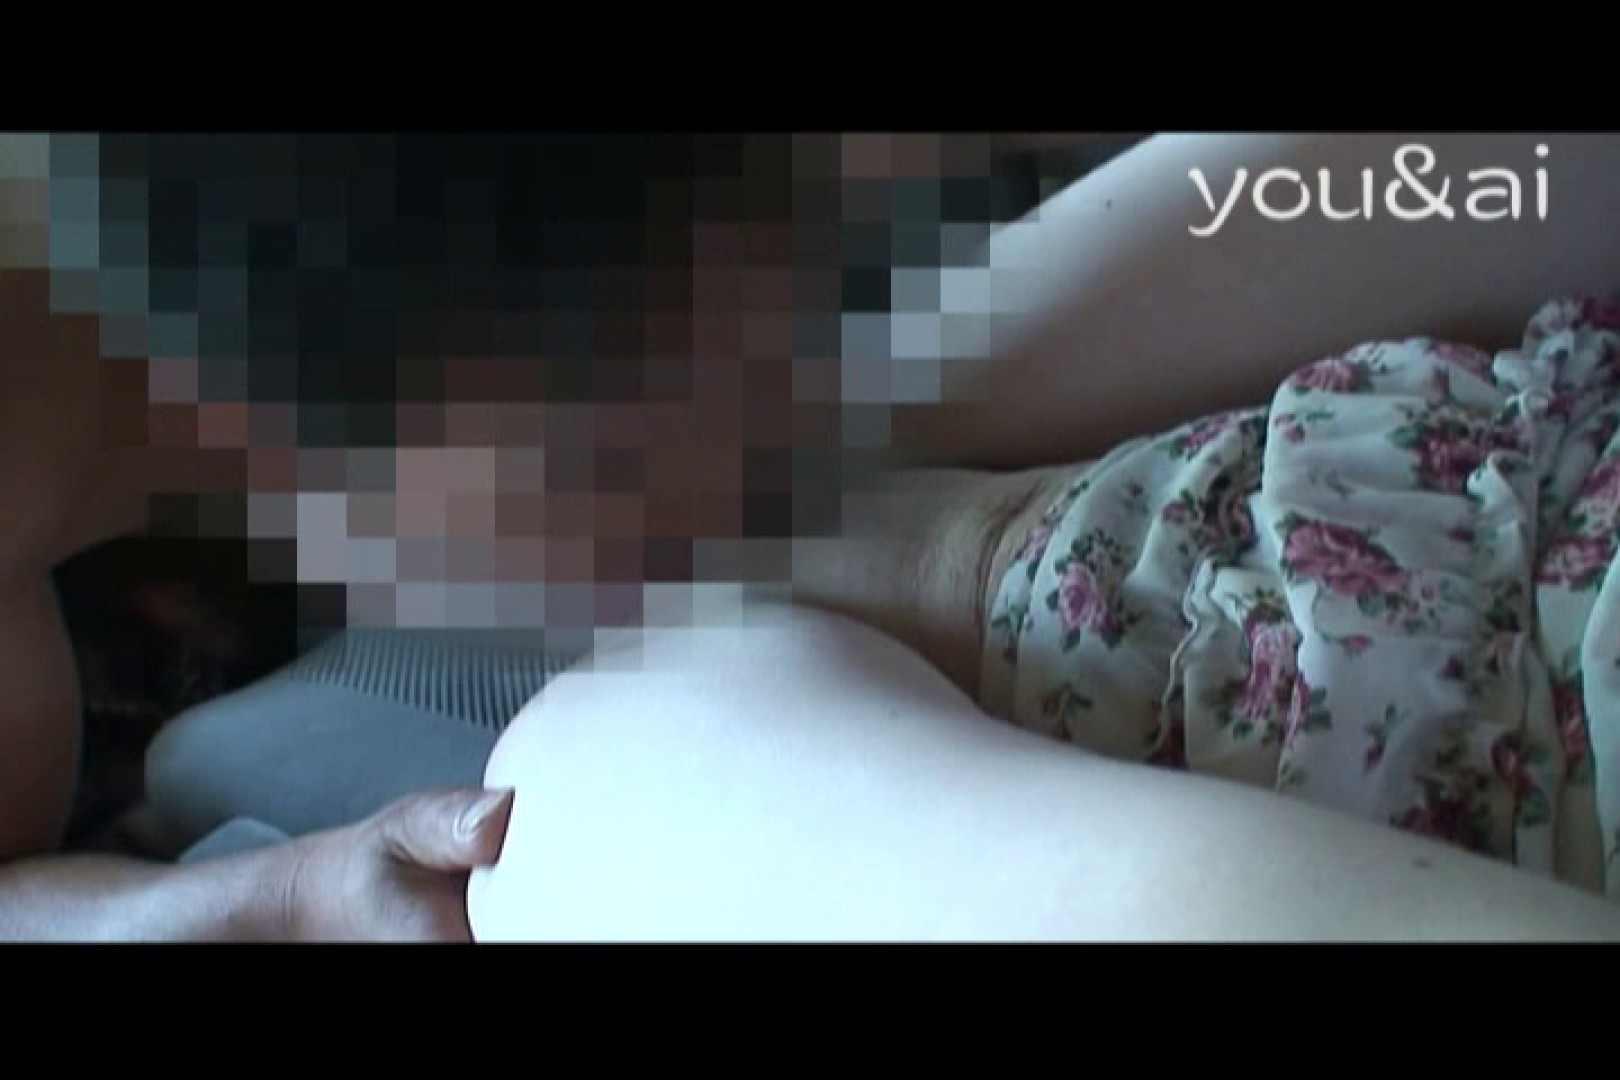 おしどり夫婦のyou&aiさん投稿作品vol.11 一般投稿  95連発 12